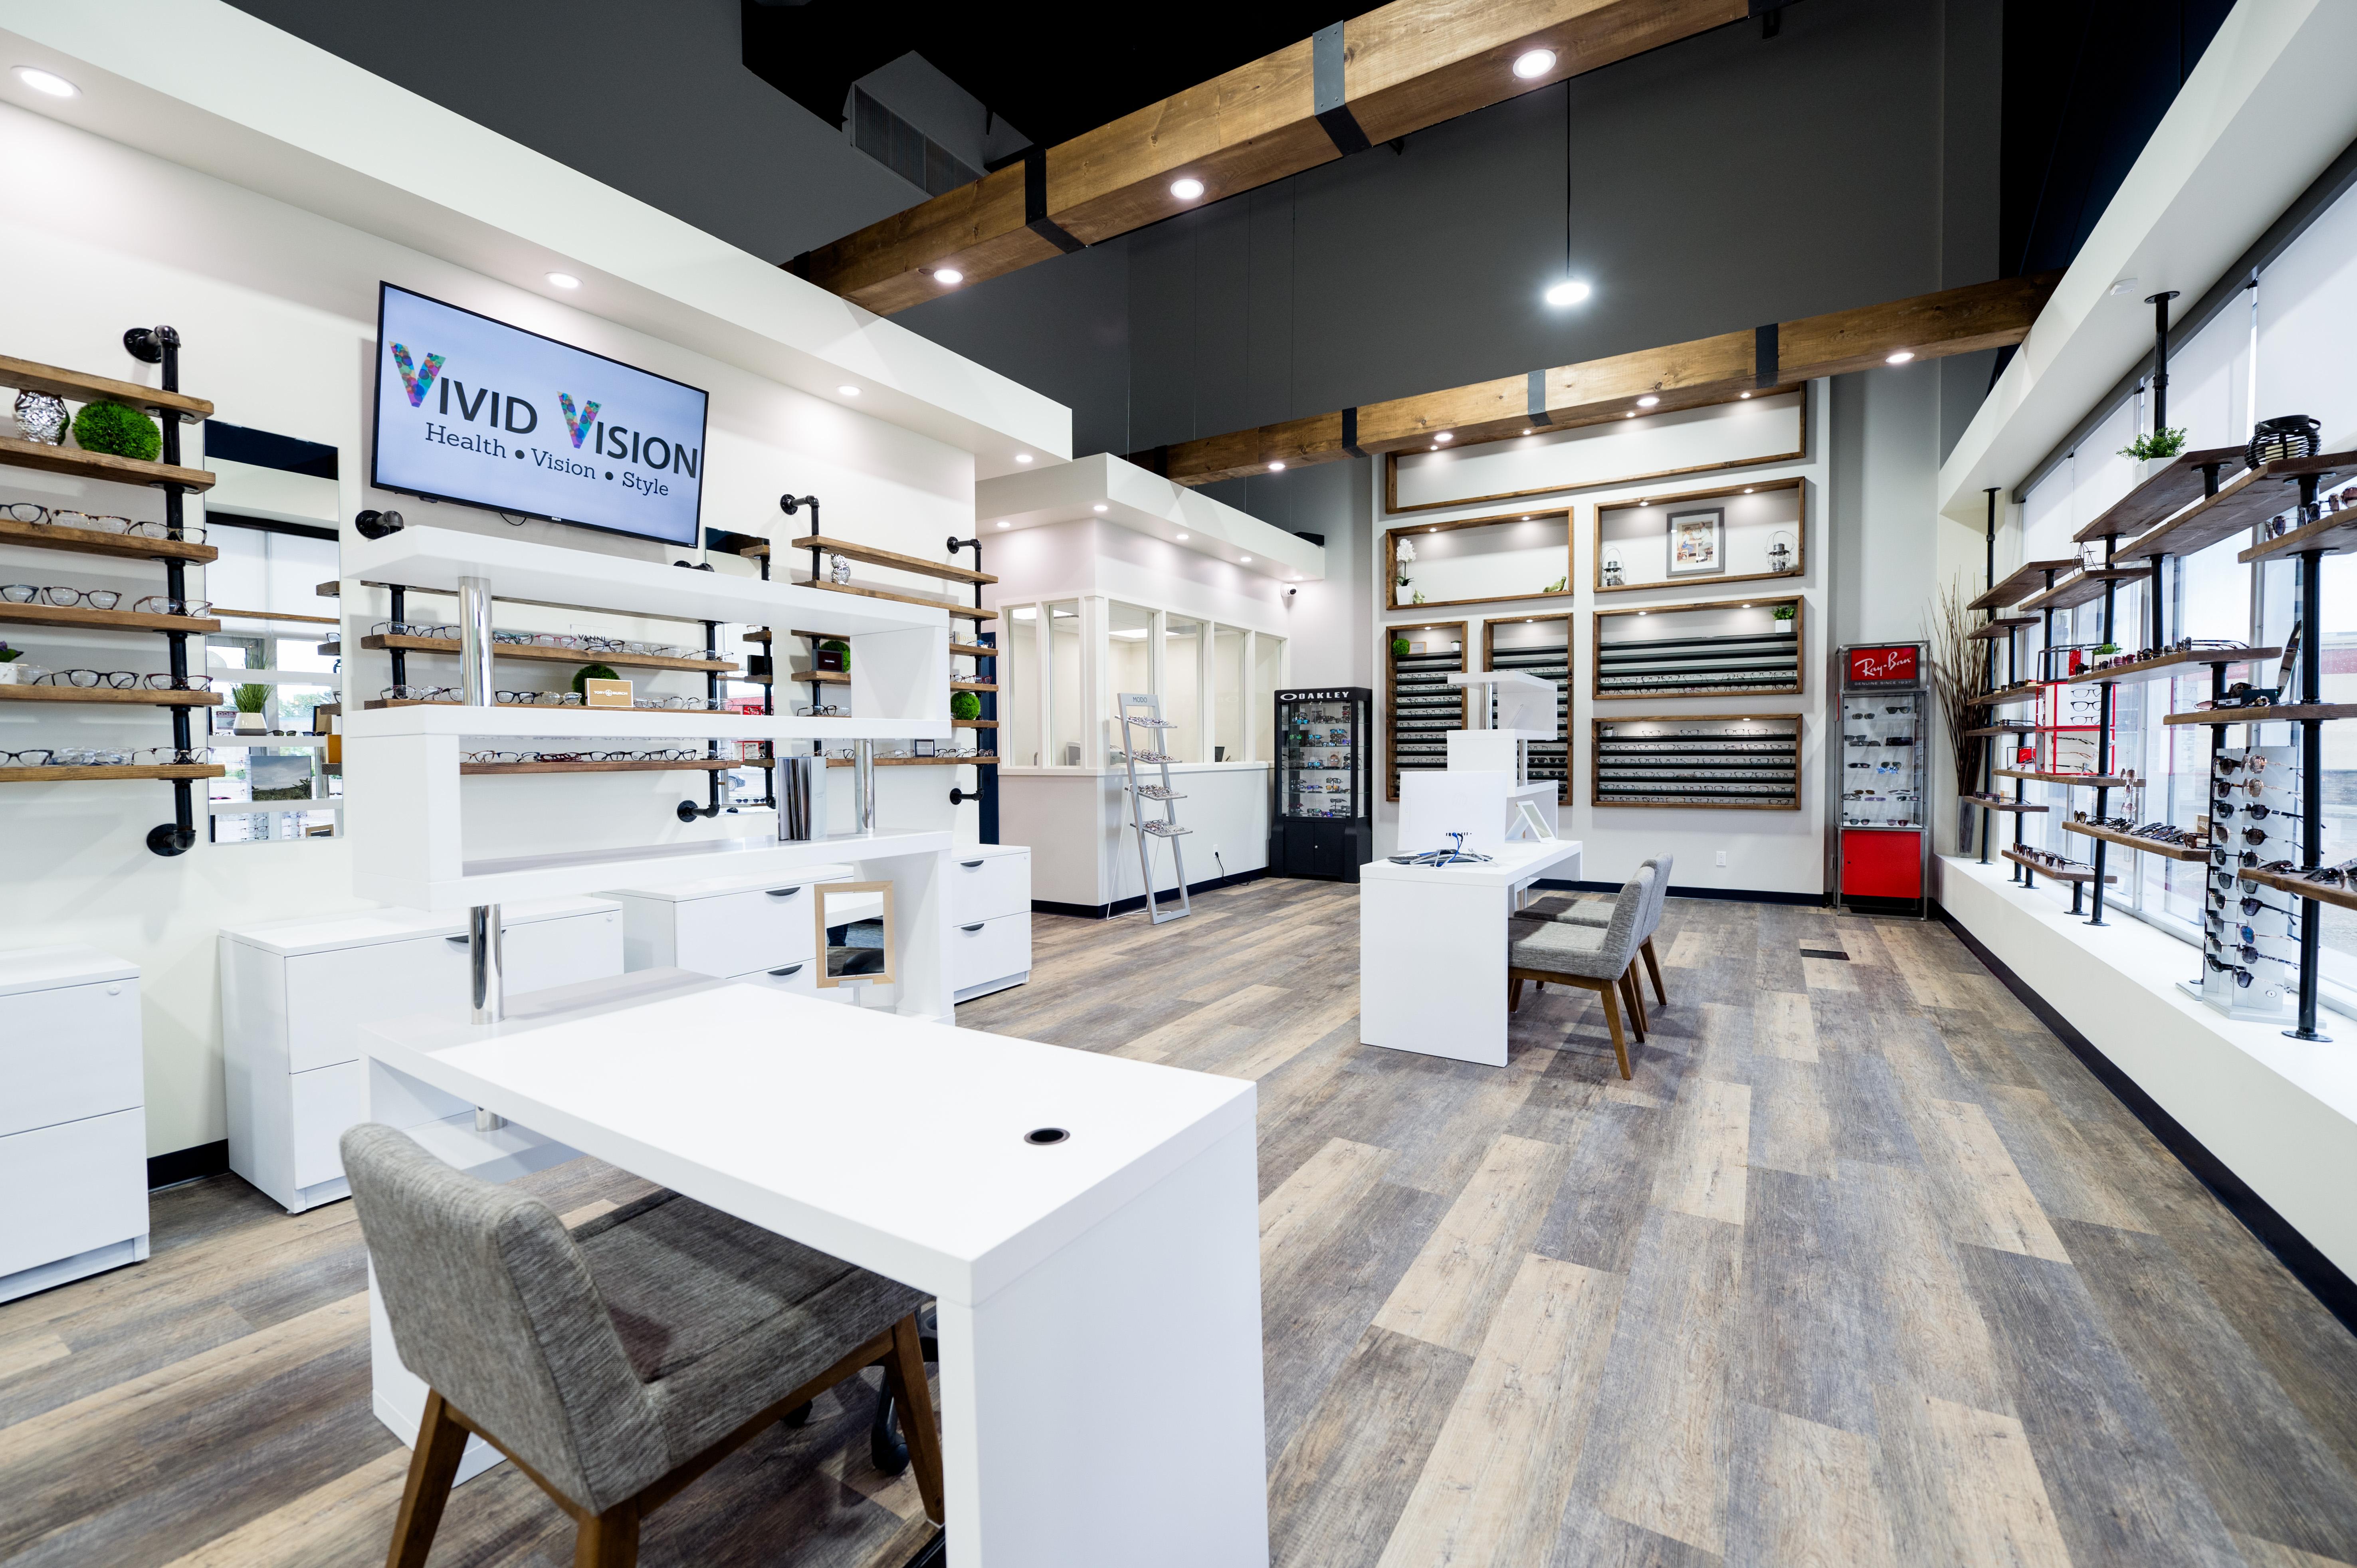 Vivid Vision Fort Saskatchewan